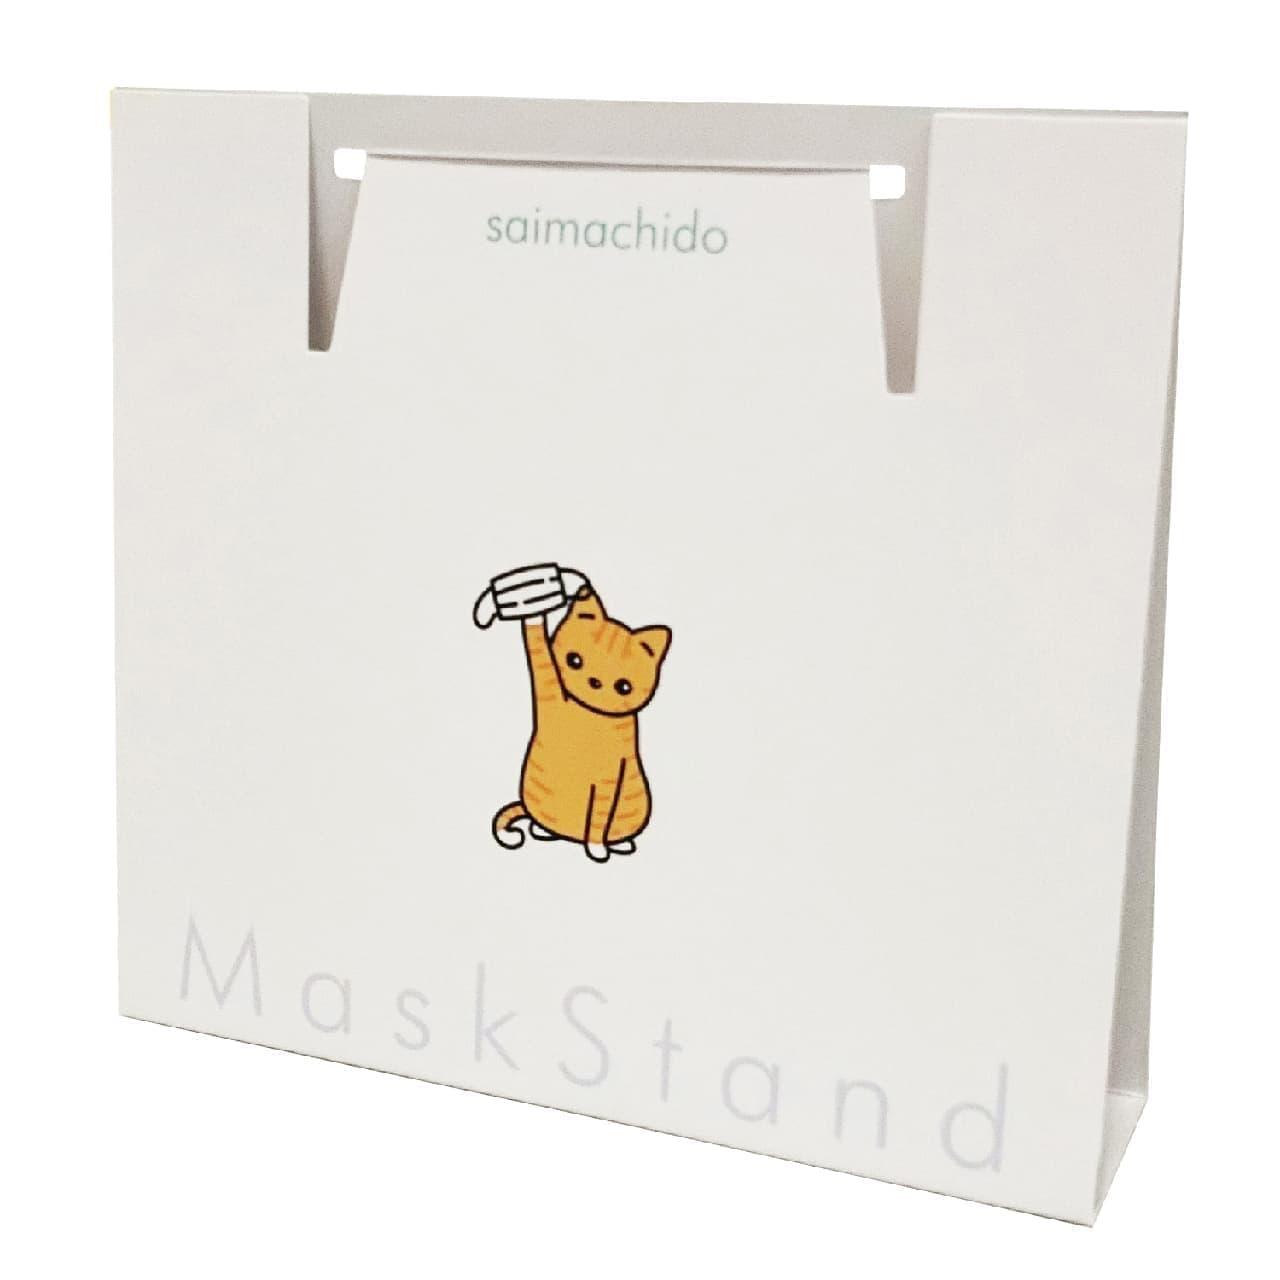 マスク猫シリーズから「にゃんポイントマスク」発売